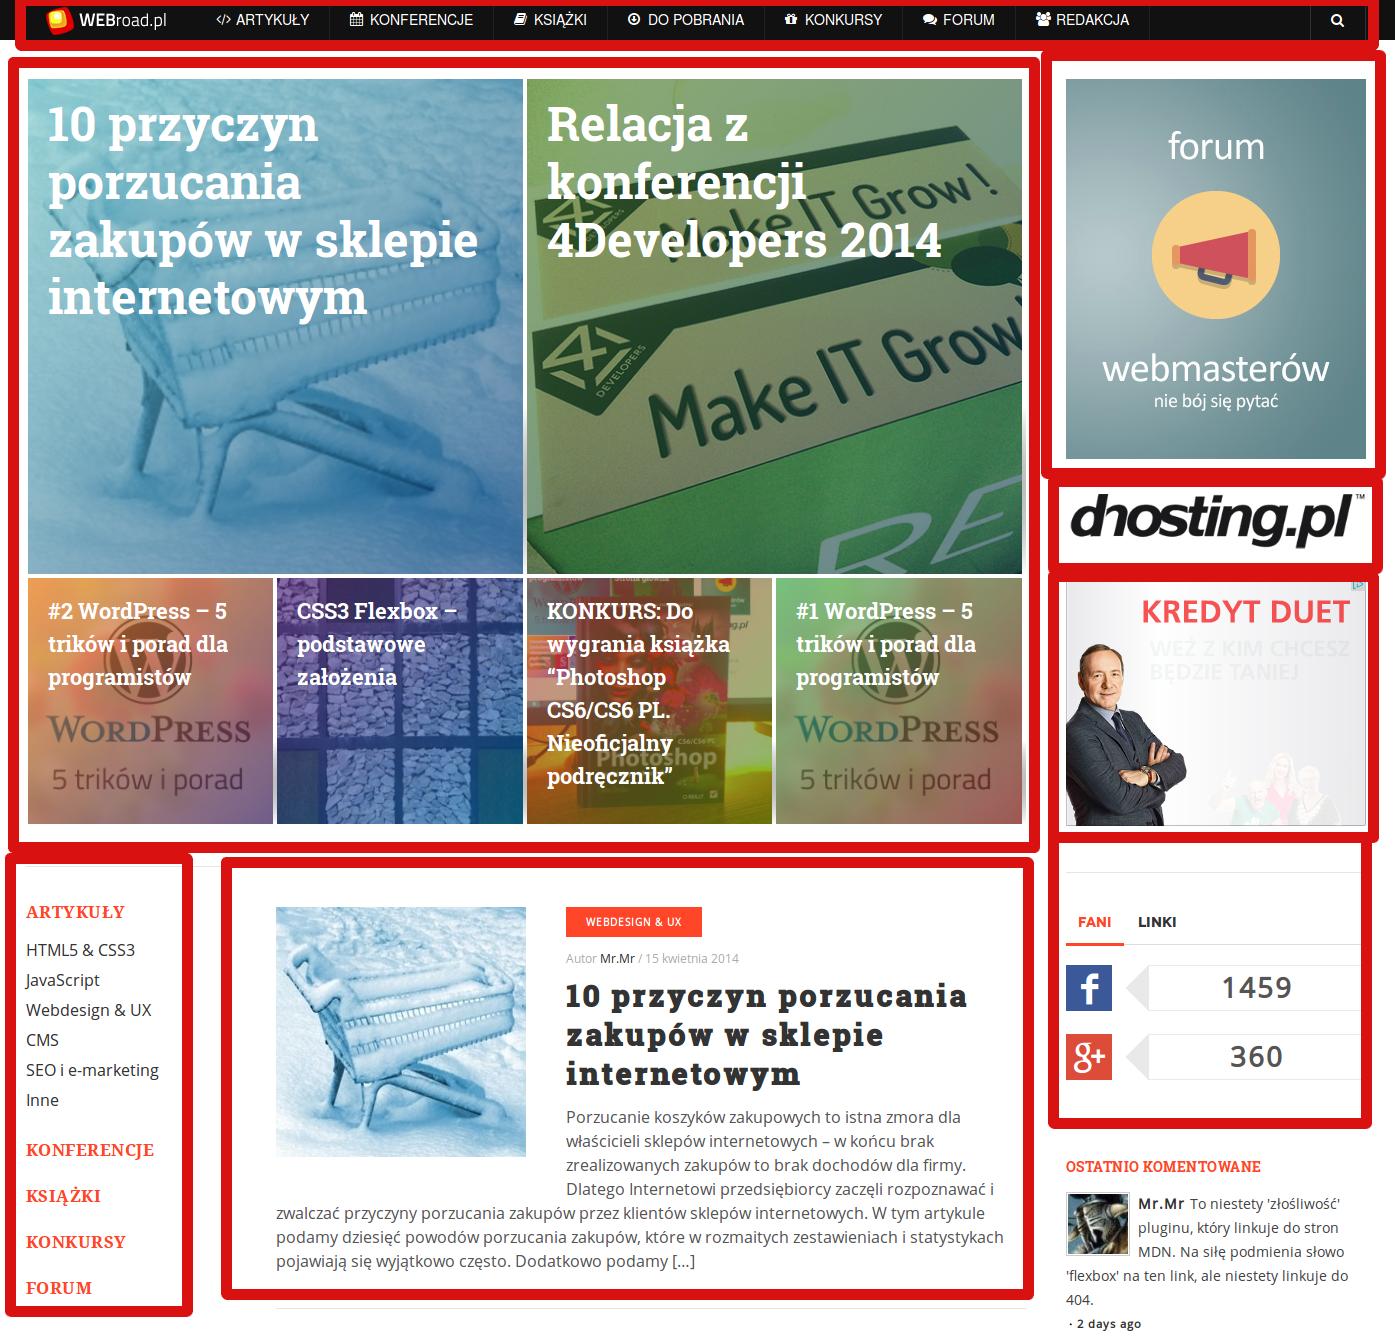 Webroad.pl - podział elementów na stronie